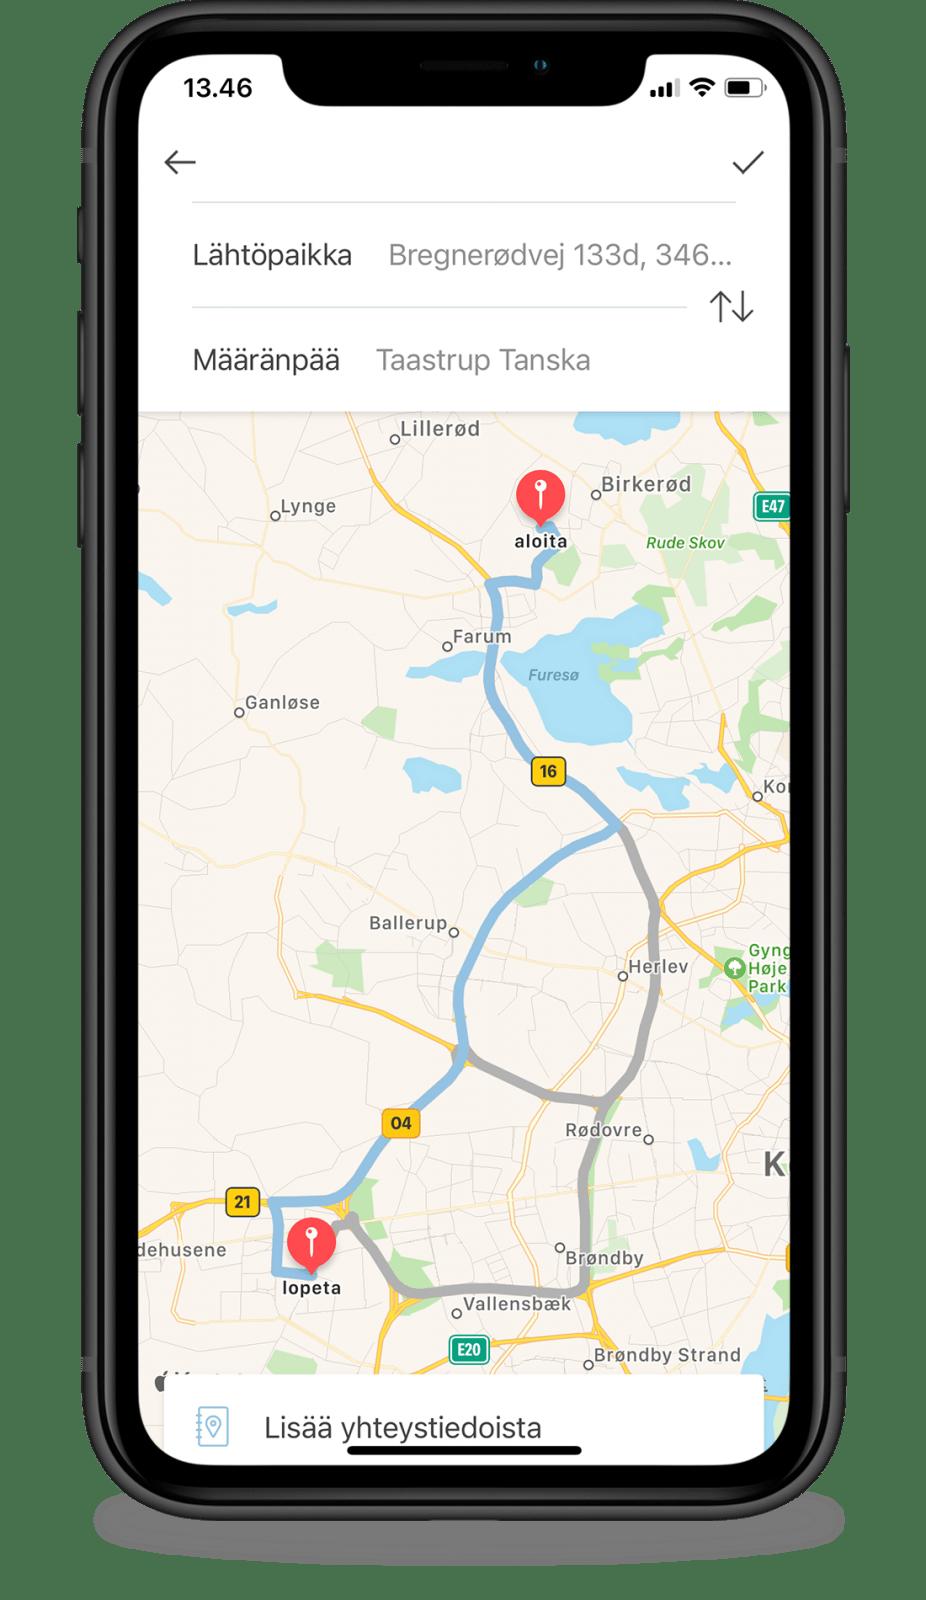 Anna ajo manuaalisesti Google Mapsin kautta